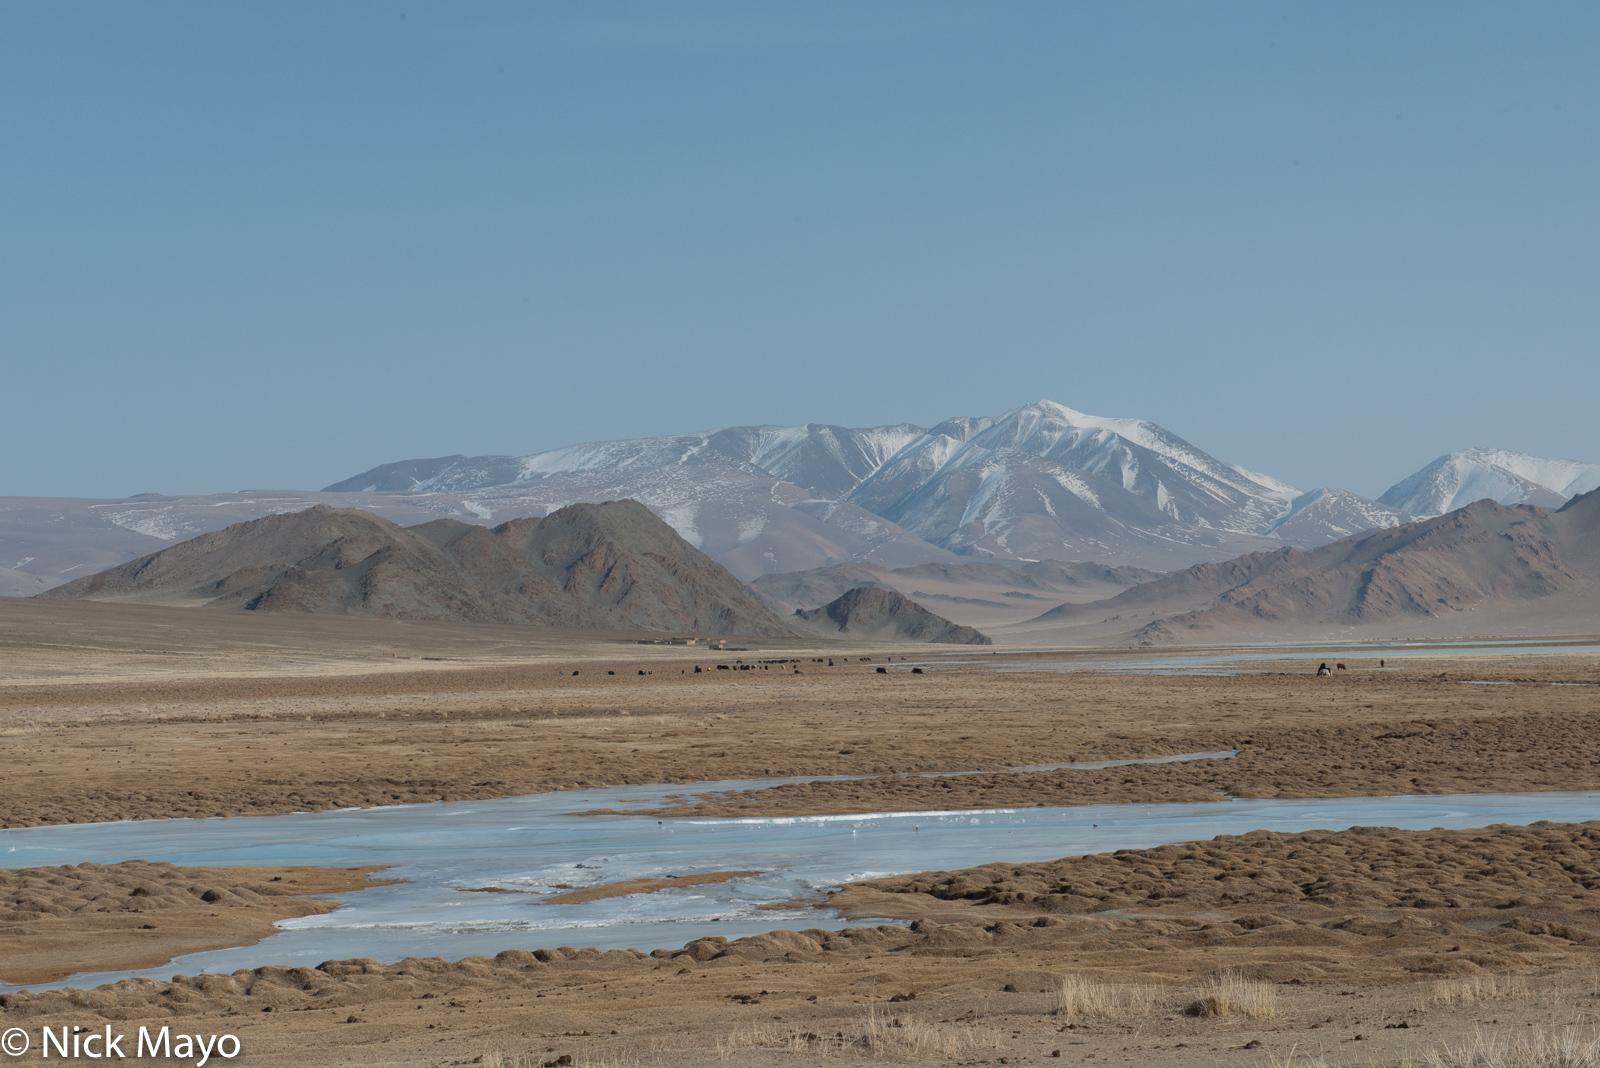 Bayan-Ölgii, Mongolia, photo